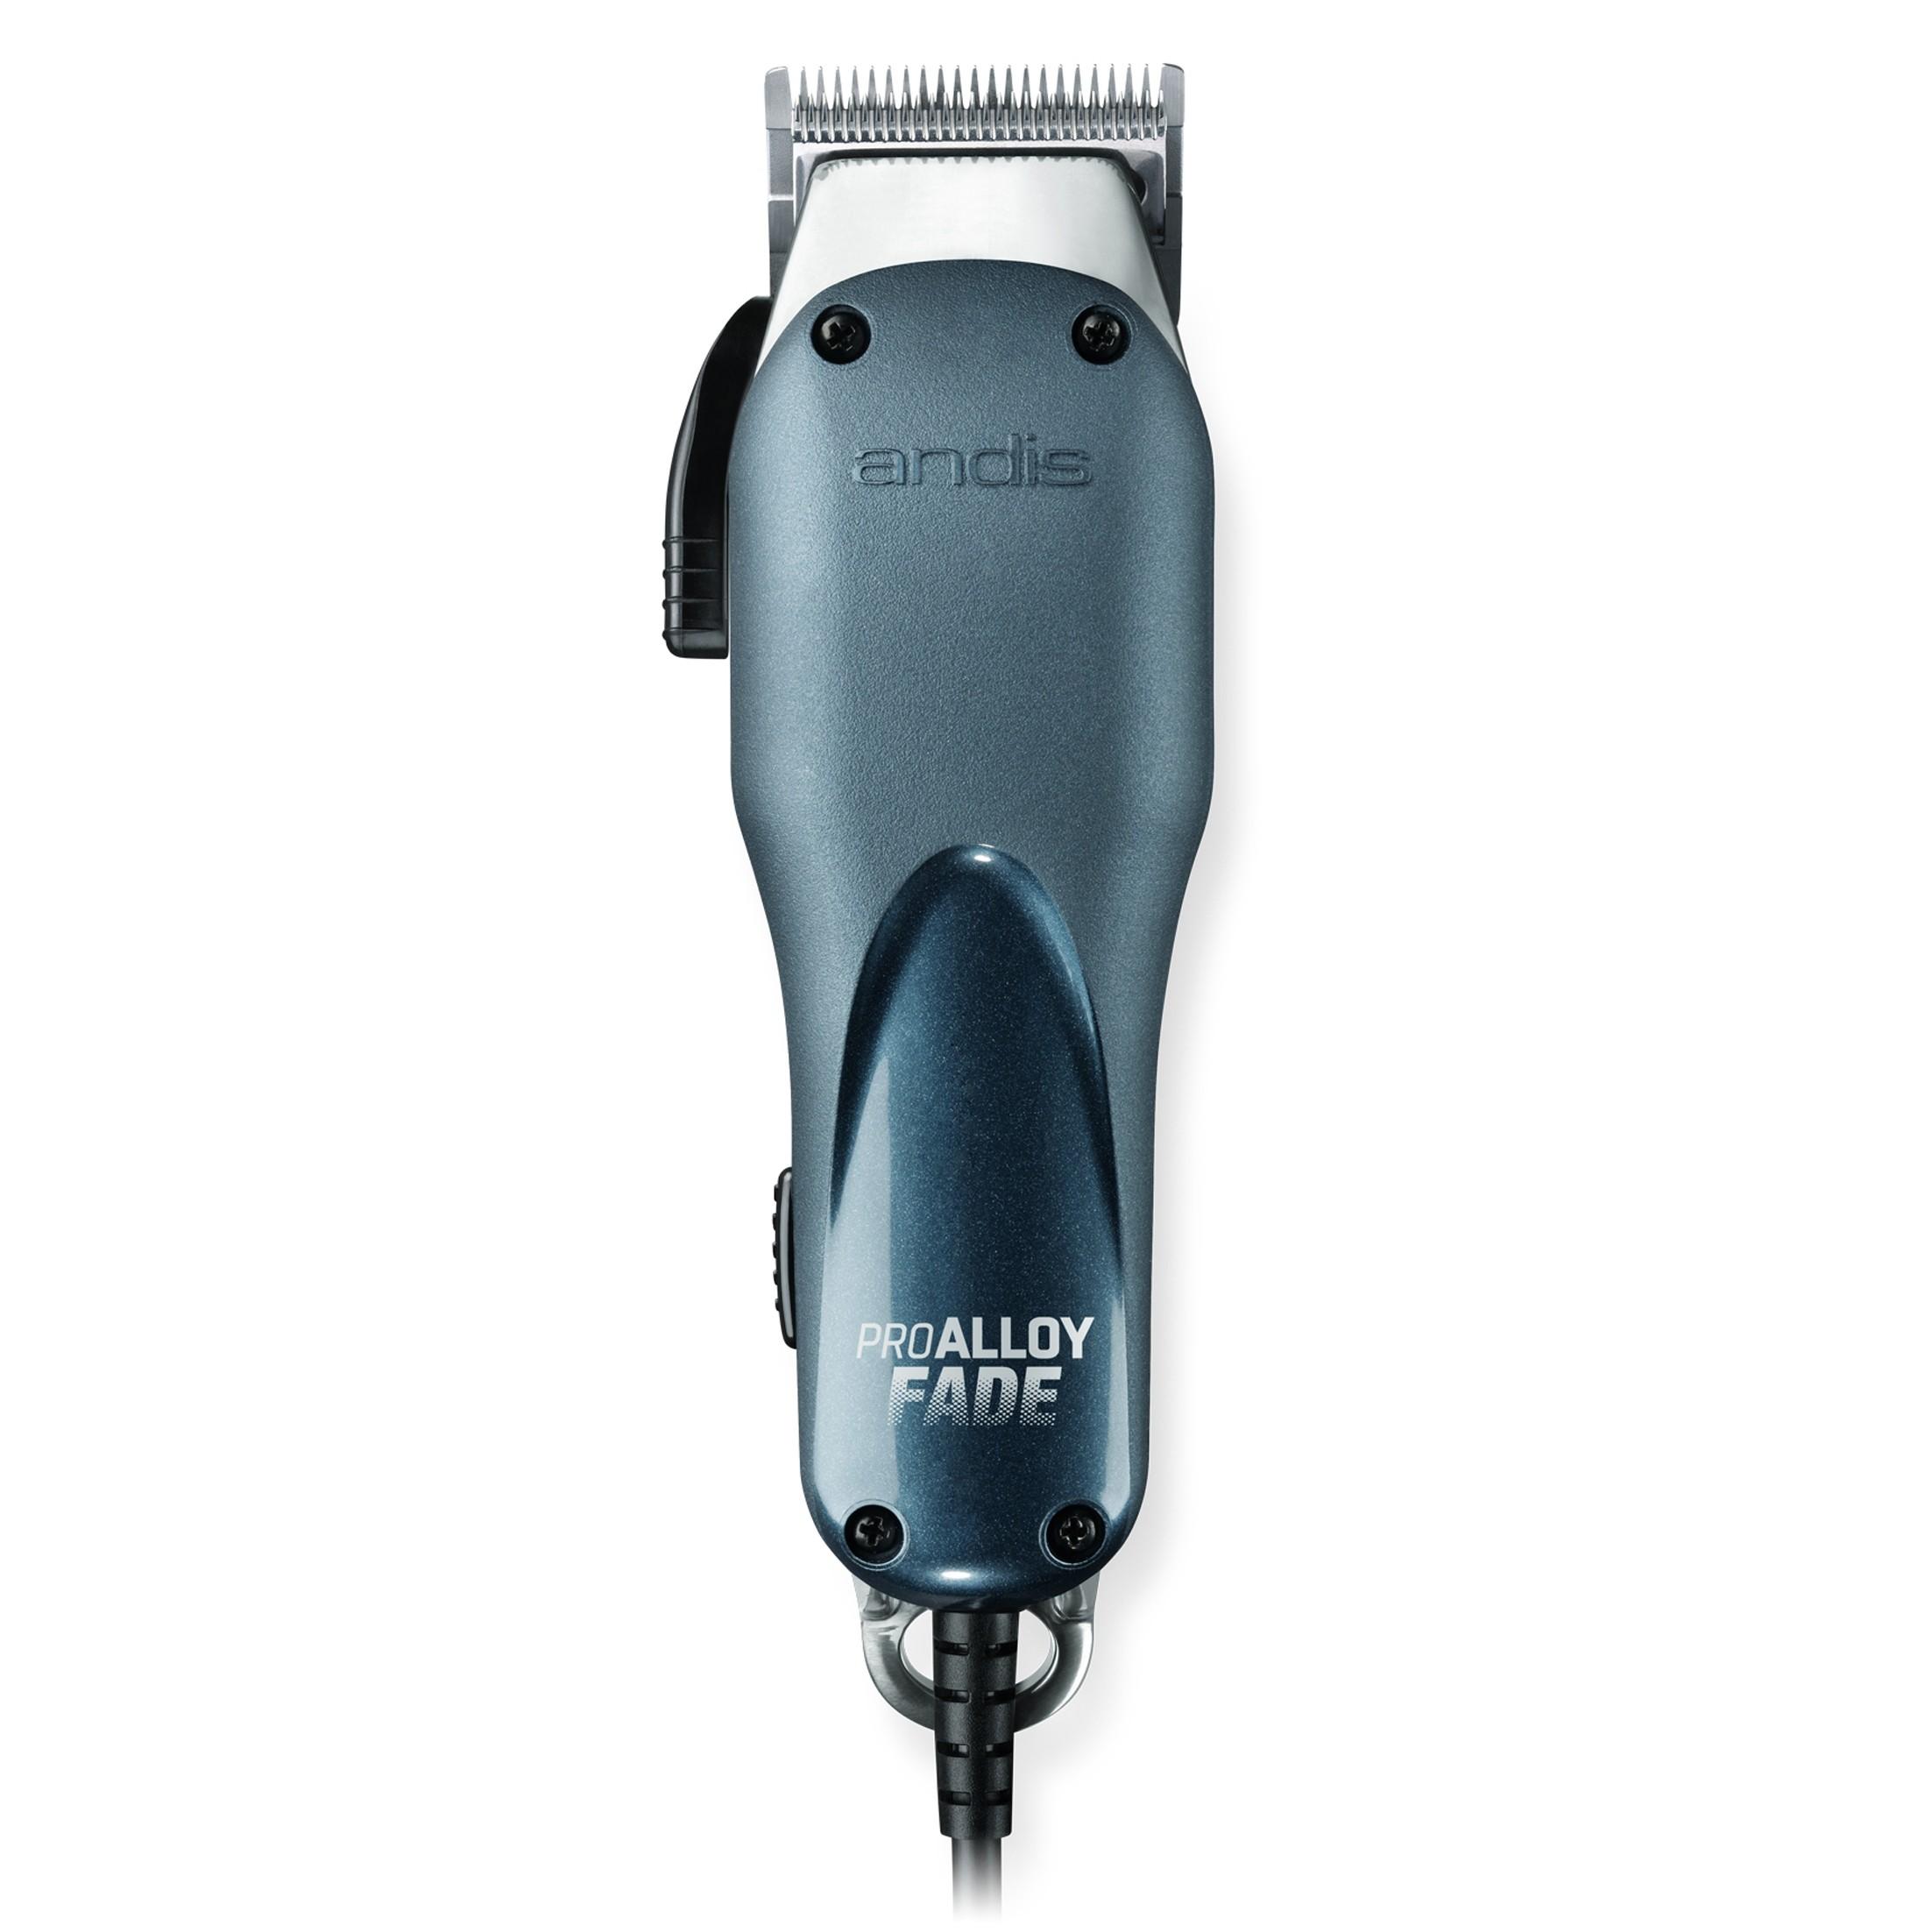 Andis Pro Alloy Fade XTR Máquina degradados profesional cuchilla alta precisión ajustable    Comprar Andis Pro Alloy FADE mejor precio   Máquina corte peluquería degradados cabello